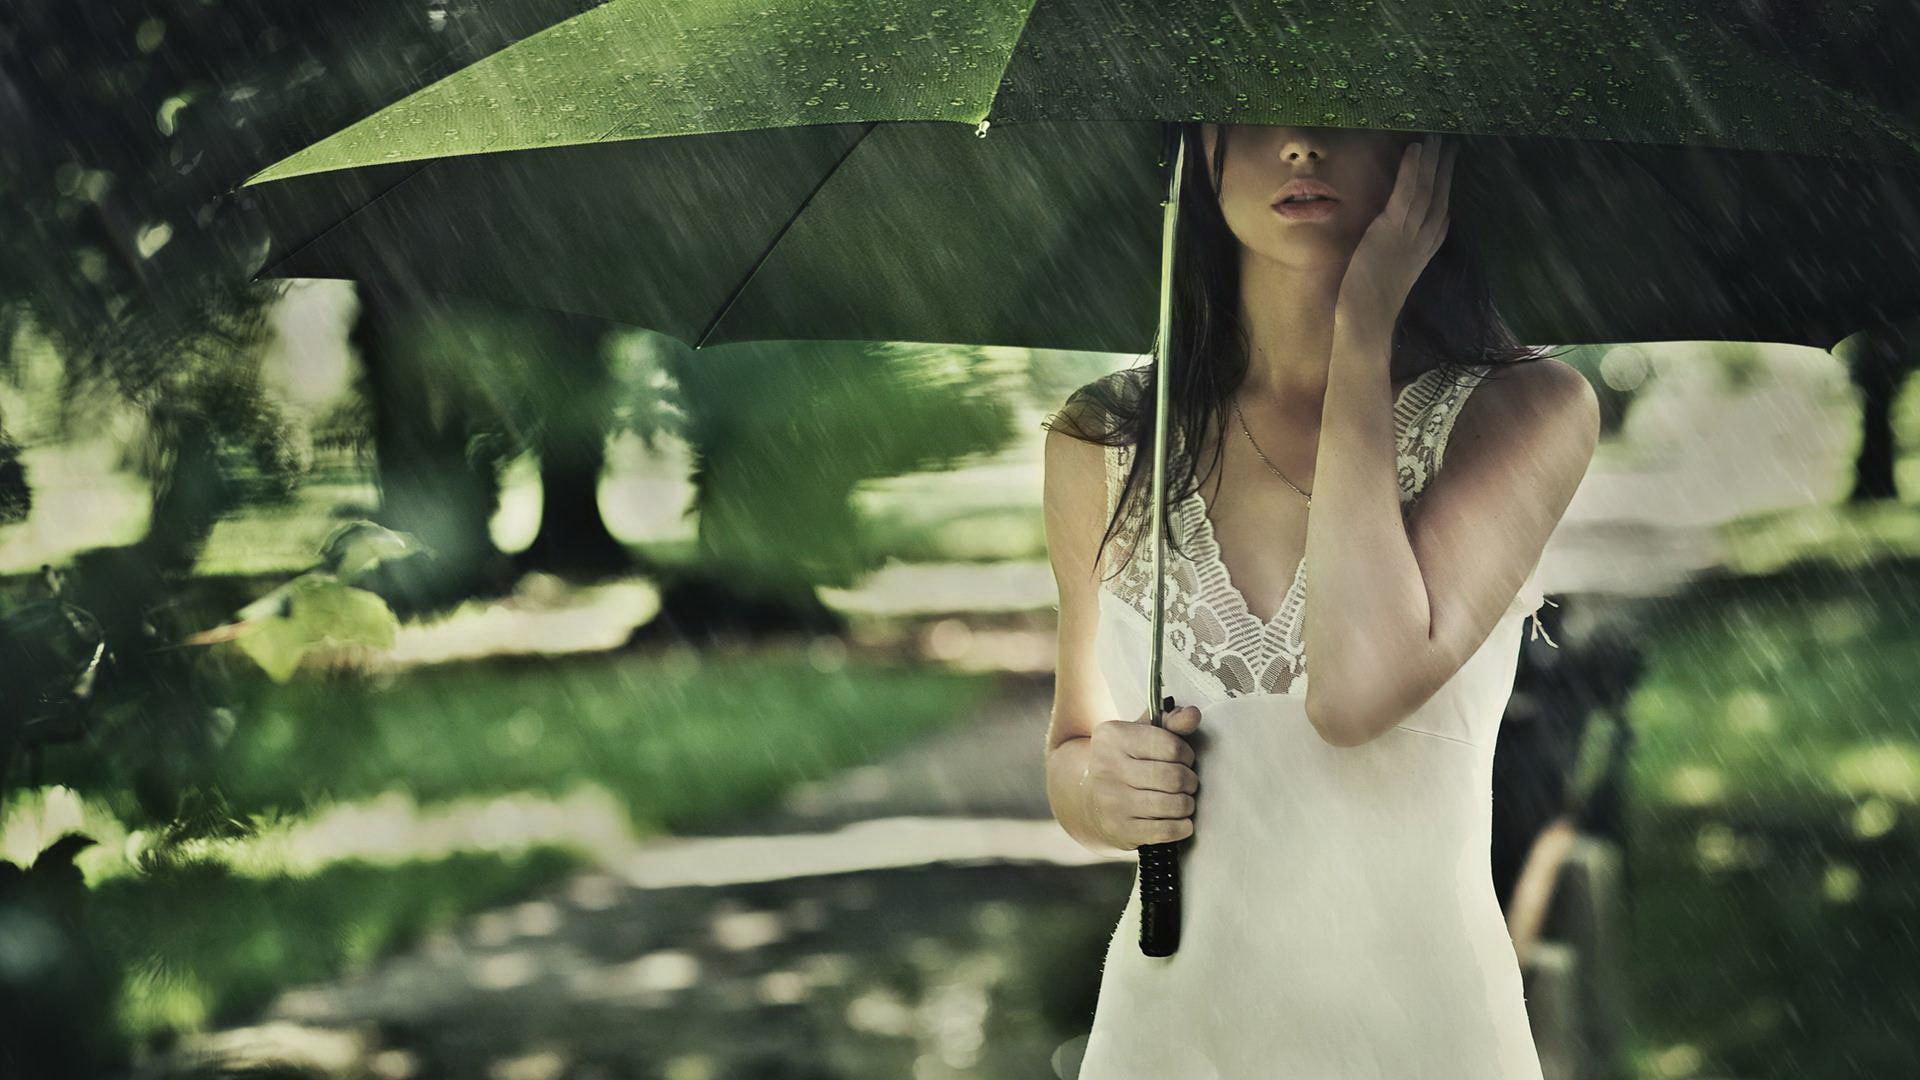 Жёстко трахается под дождём смотреть онлайн hd предложить